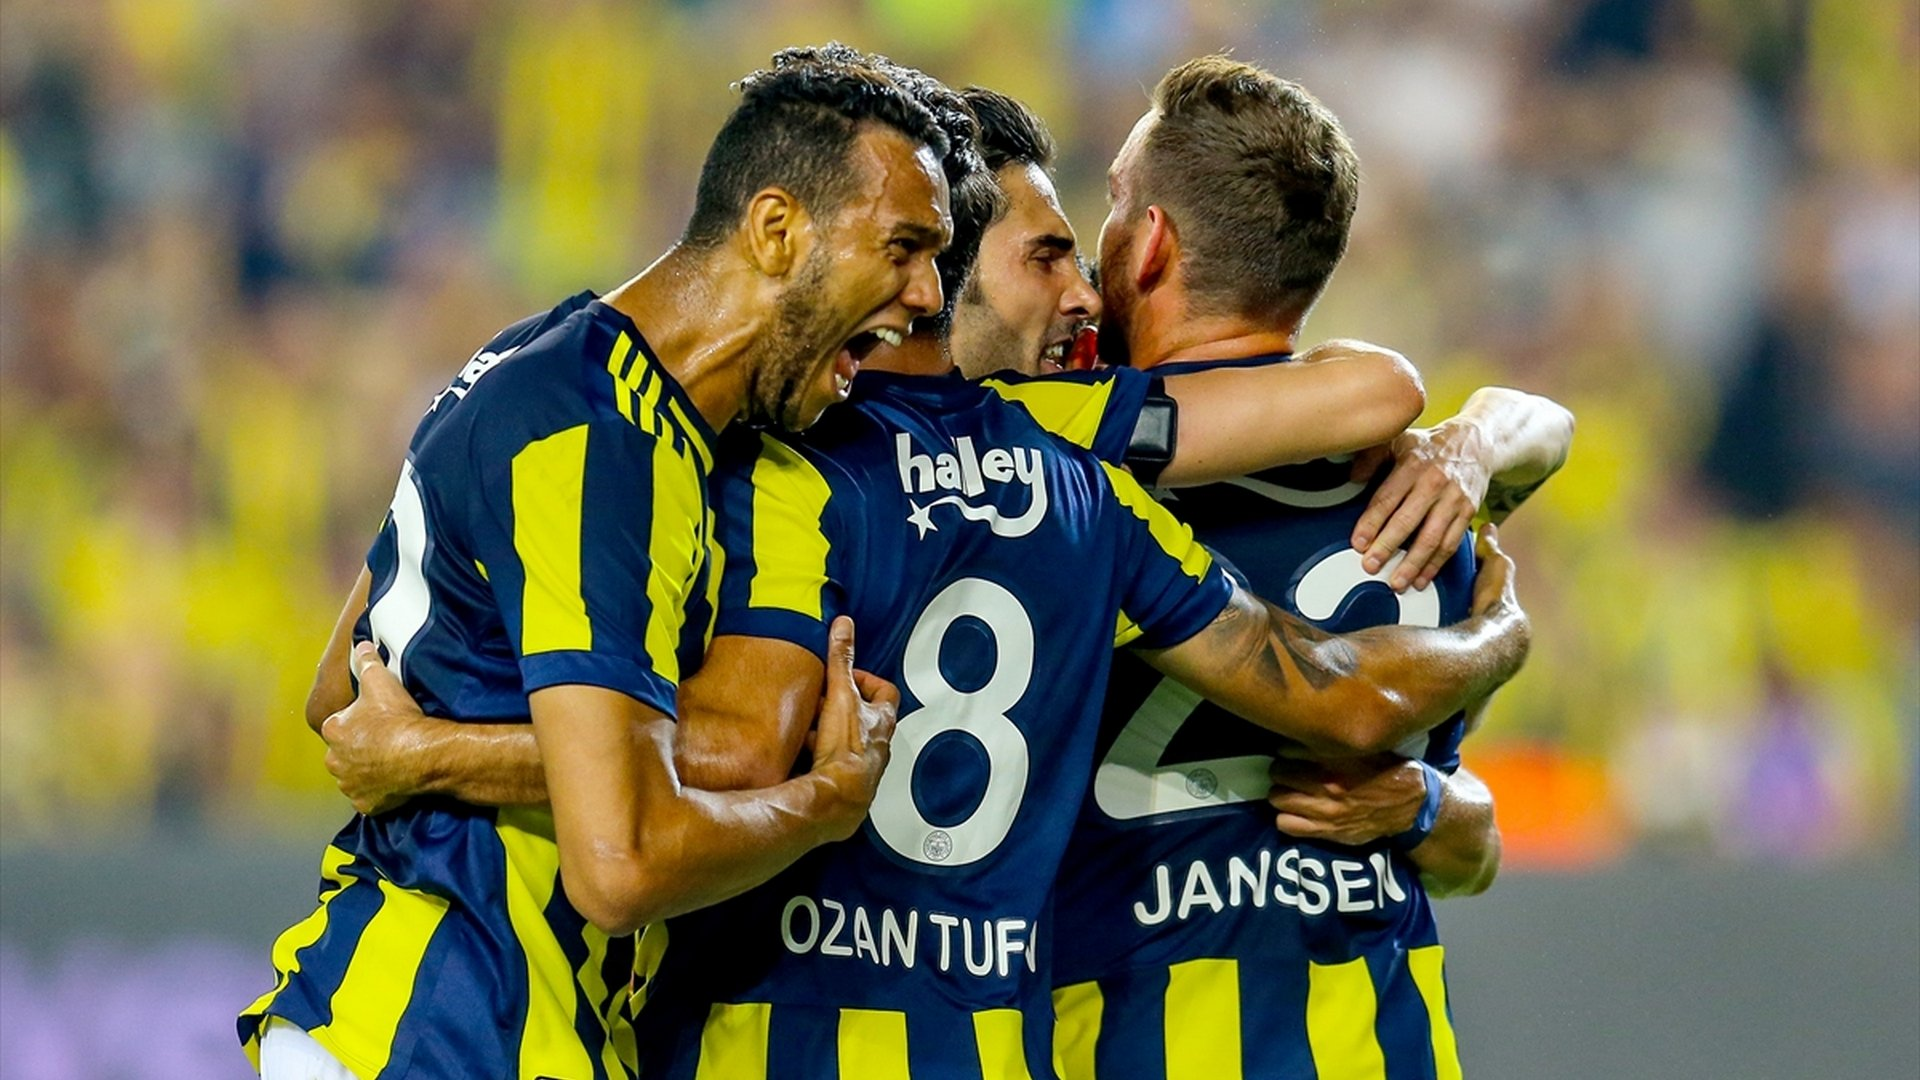 İşte Fenerbahçe'de derbinin kahramanı!